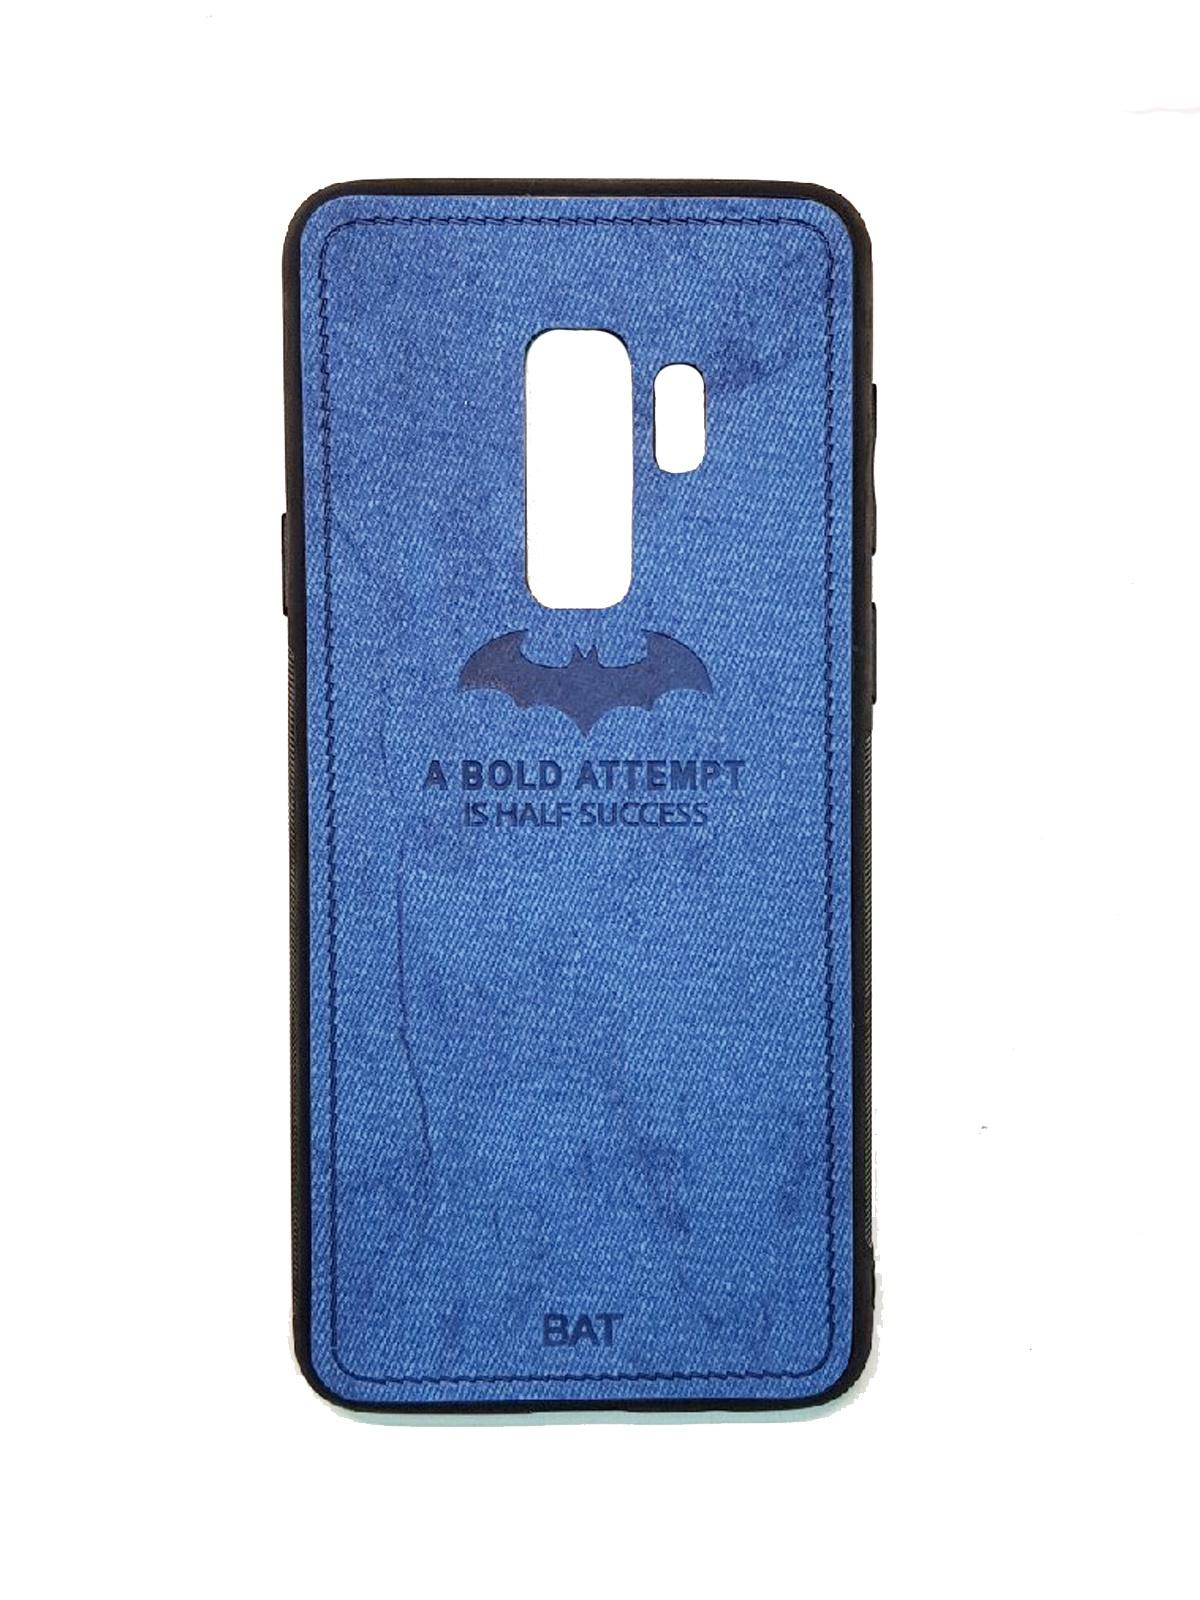 Чехол для сотового телефона Face Idea Samsung S9 Plus, синий